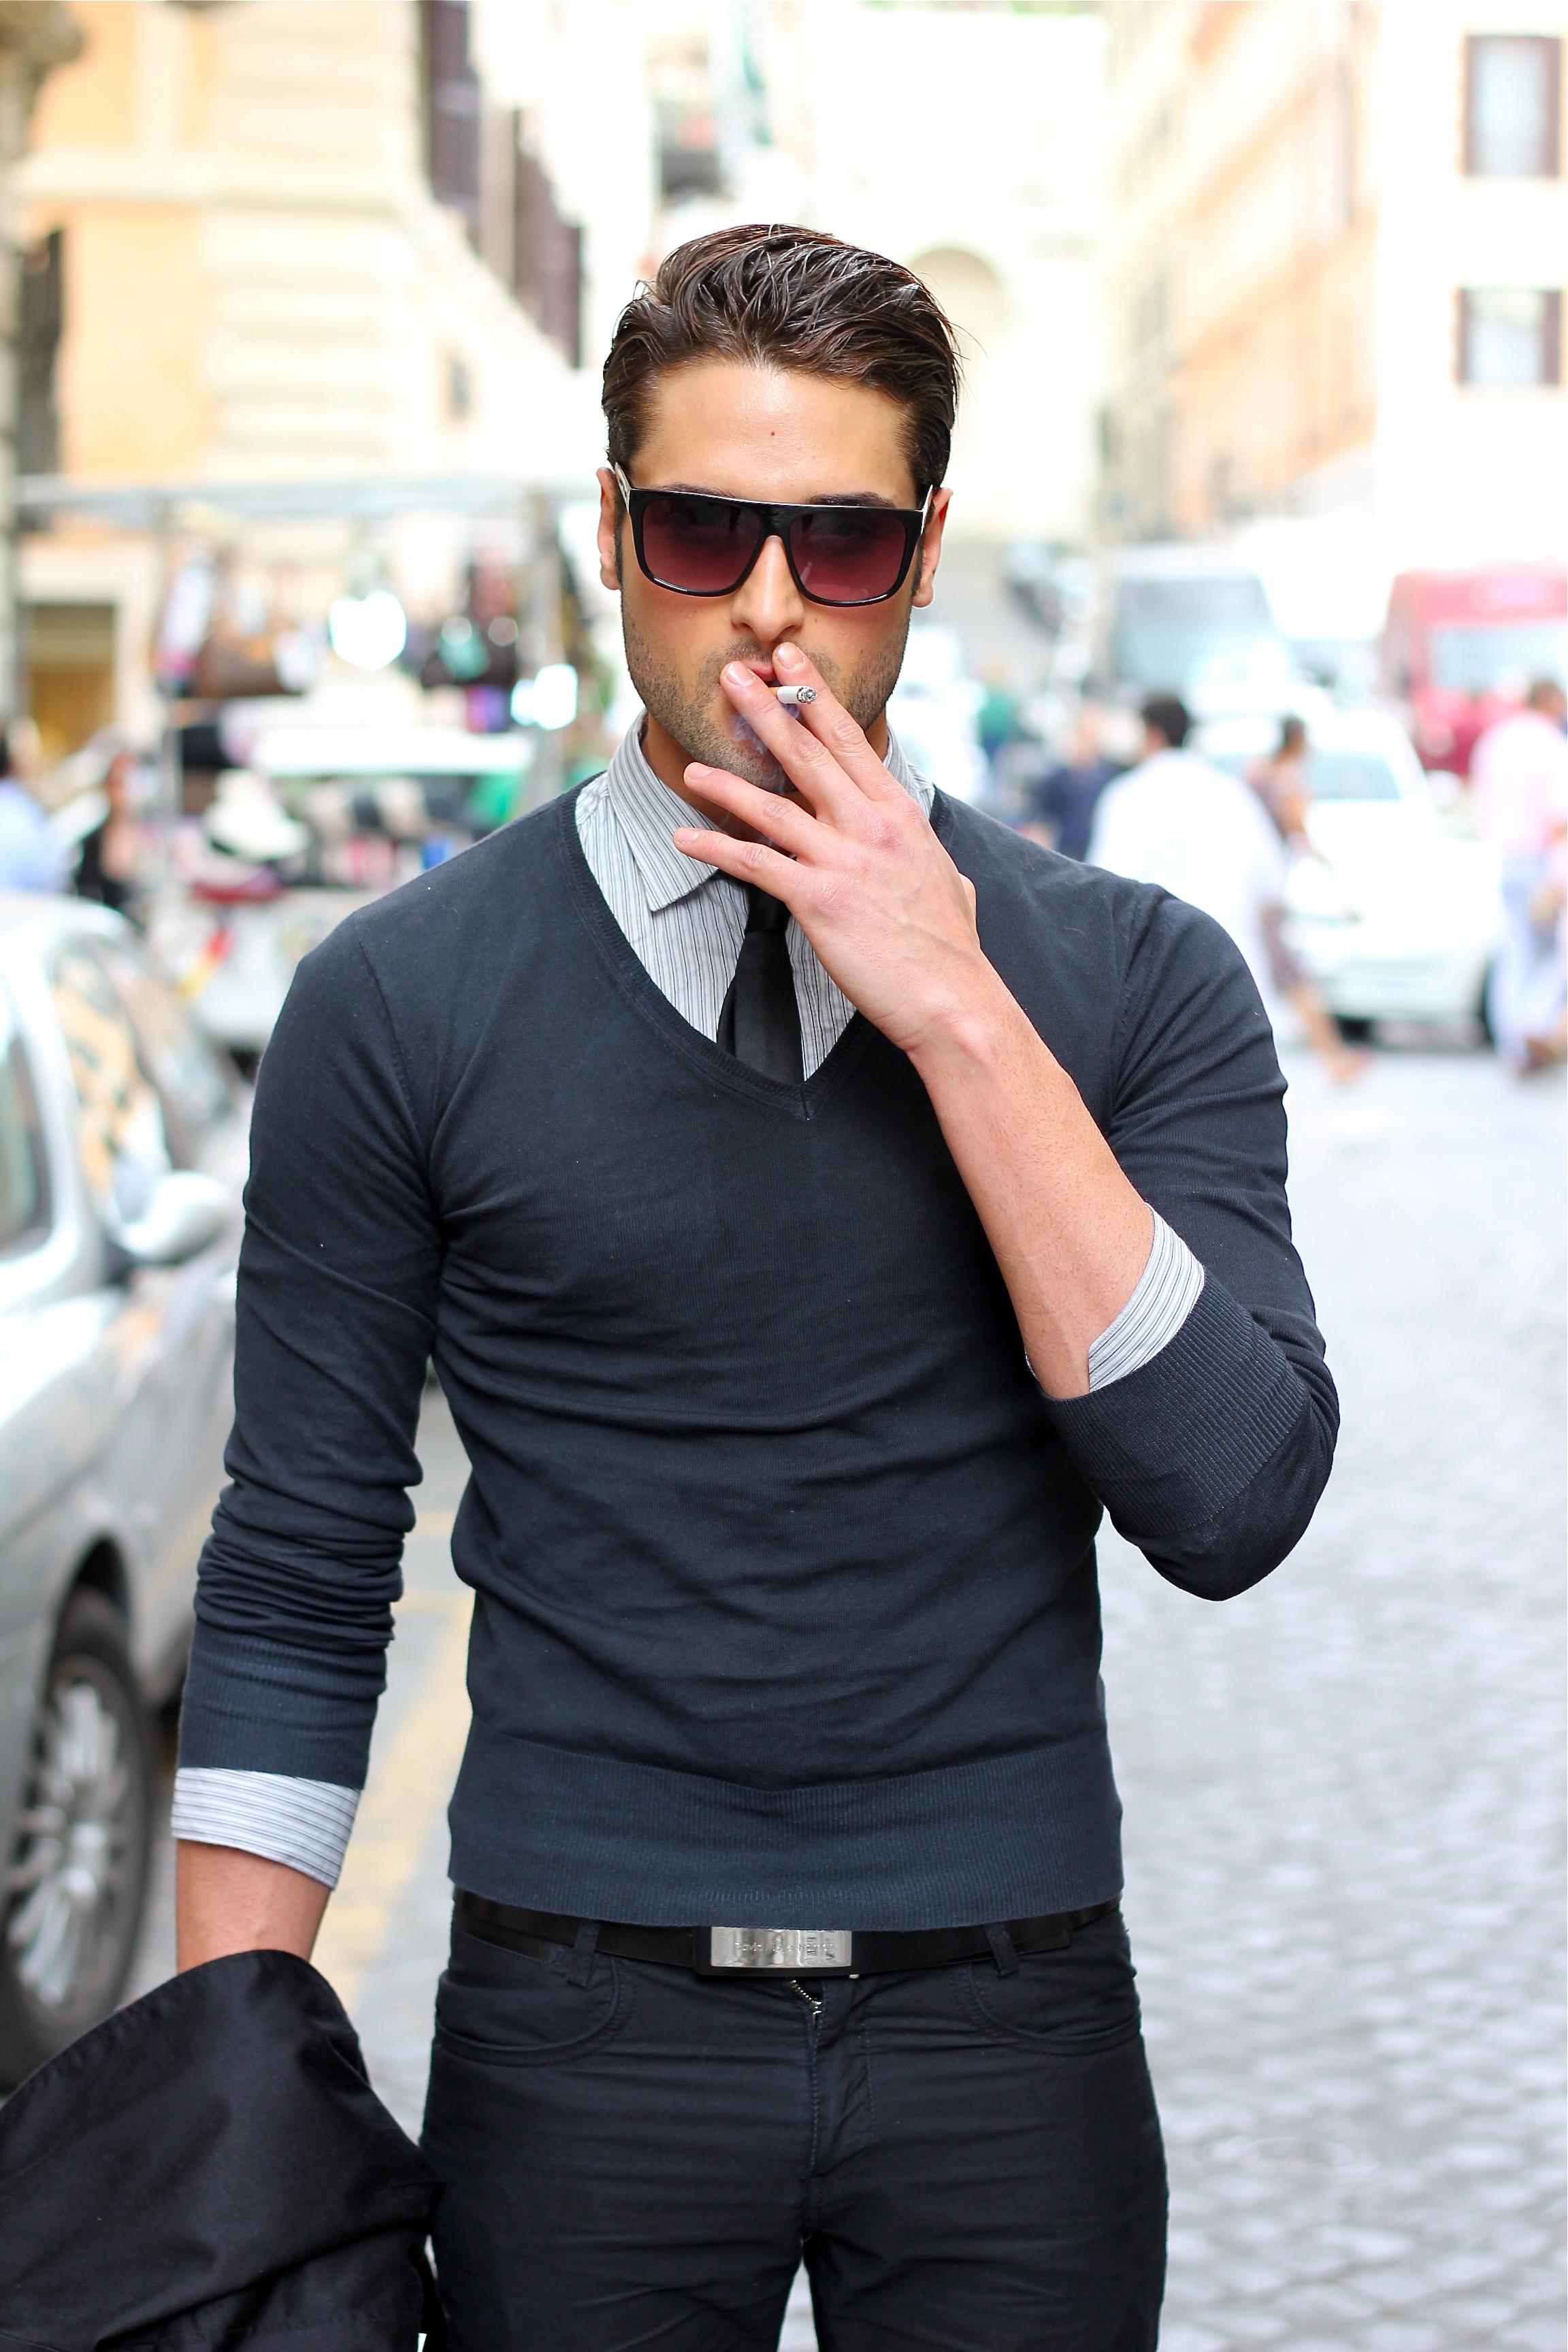 Italian men street style Što je nama lepo na muškarcu, njima je gejasto